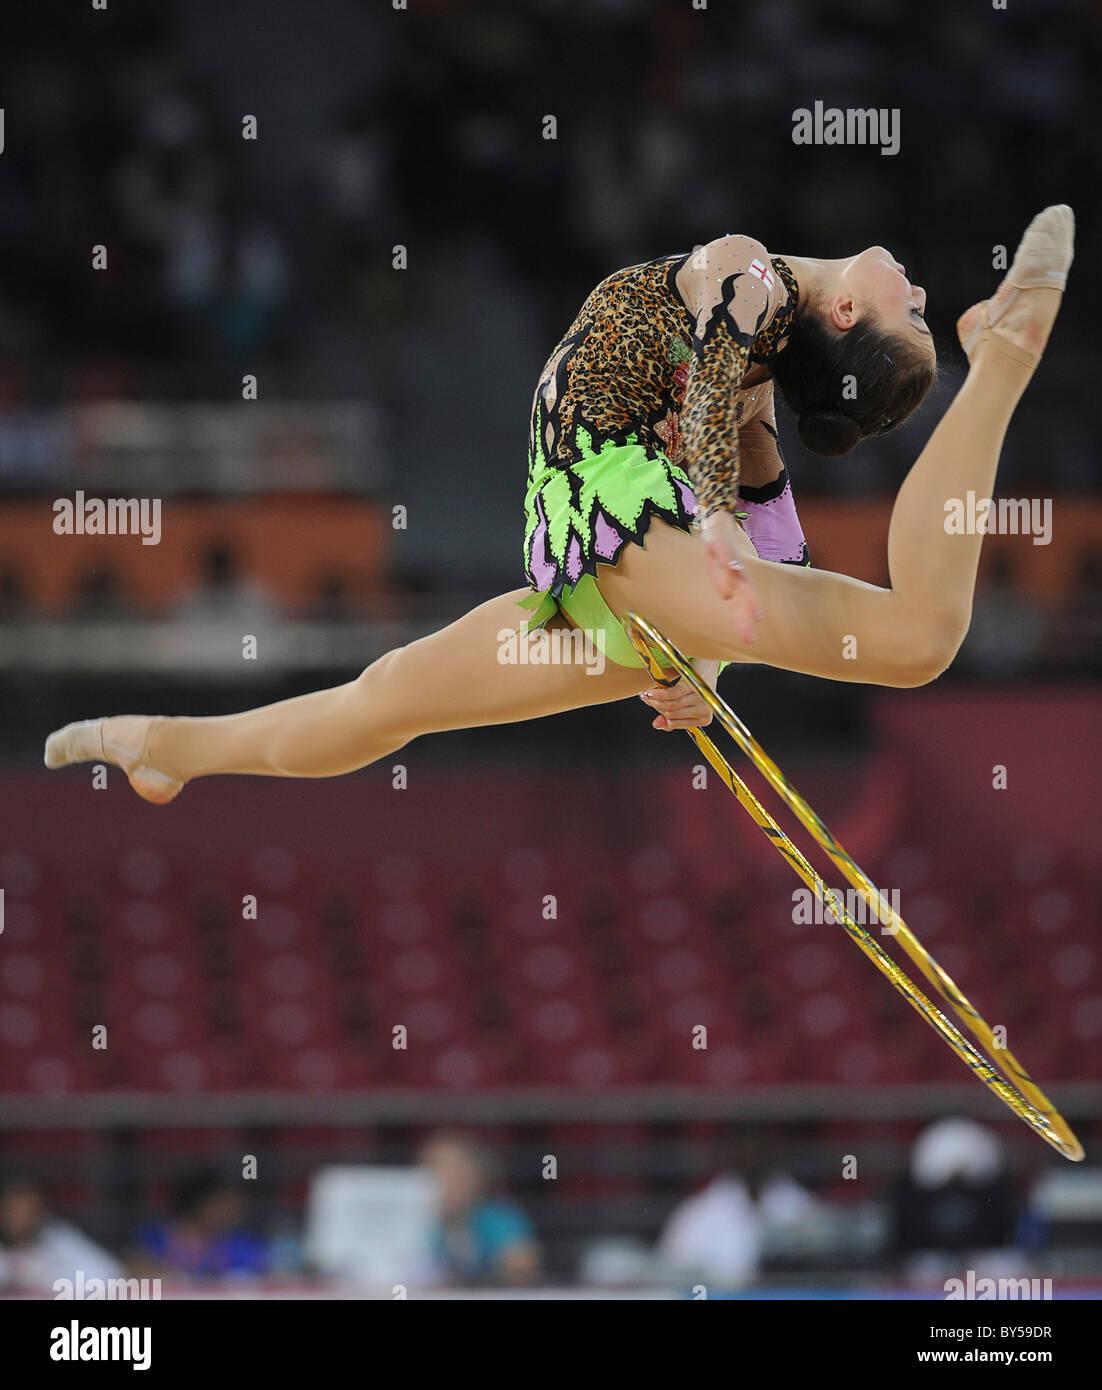 Inde Delhi 2010 XIXE Jeux du Commonwealth, la gymnastique rythmique. Gymnaste et hoop. Photo Stock